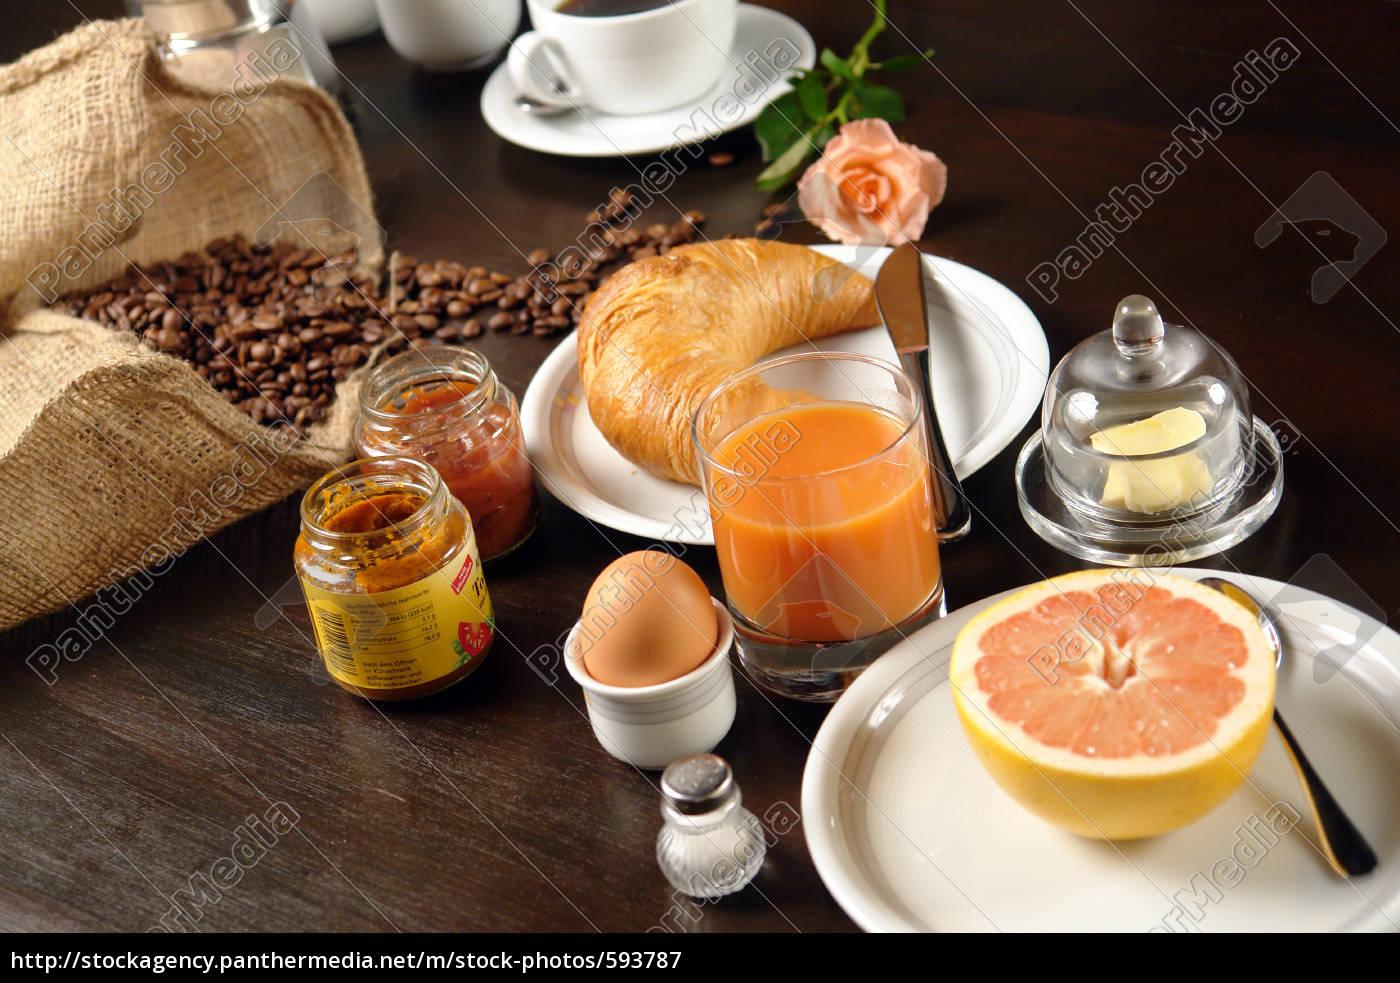 breakfast - 593787